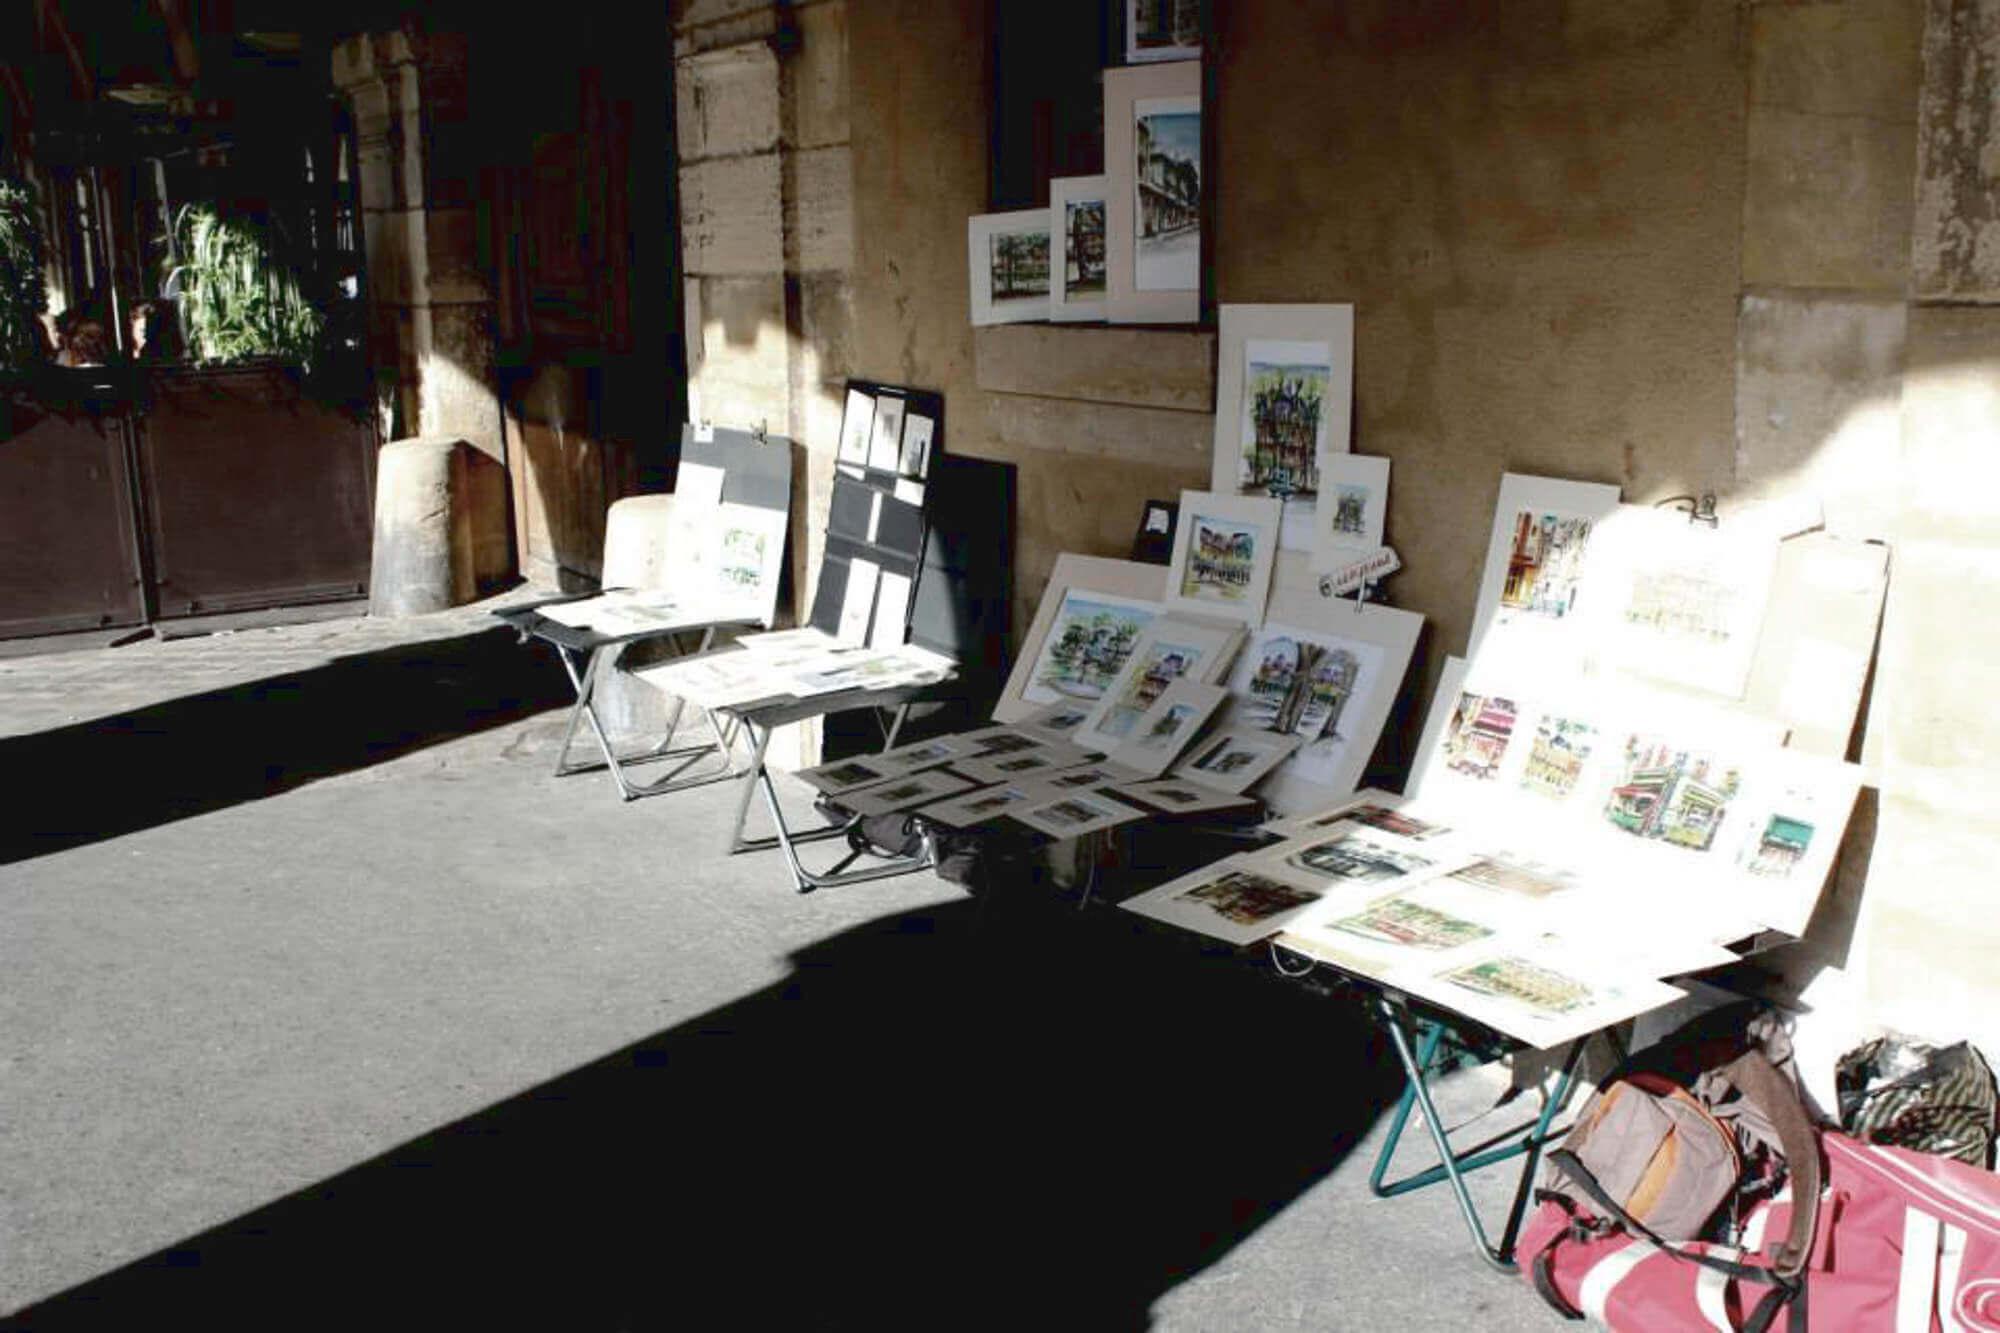 Straßenstand mit Bildern zum Verkauf in Paris